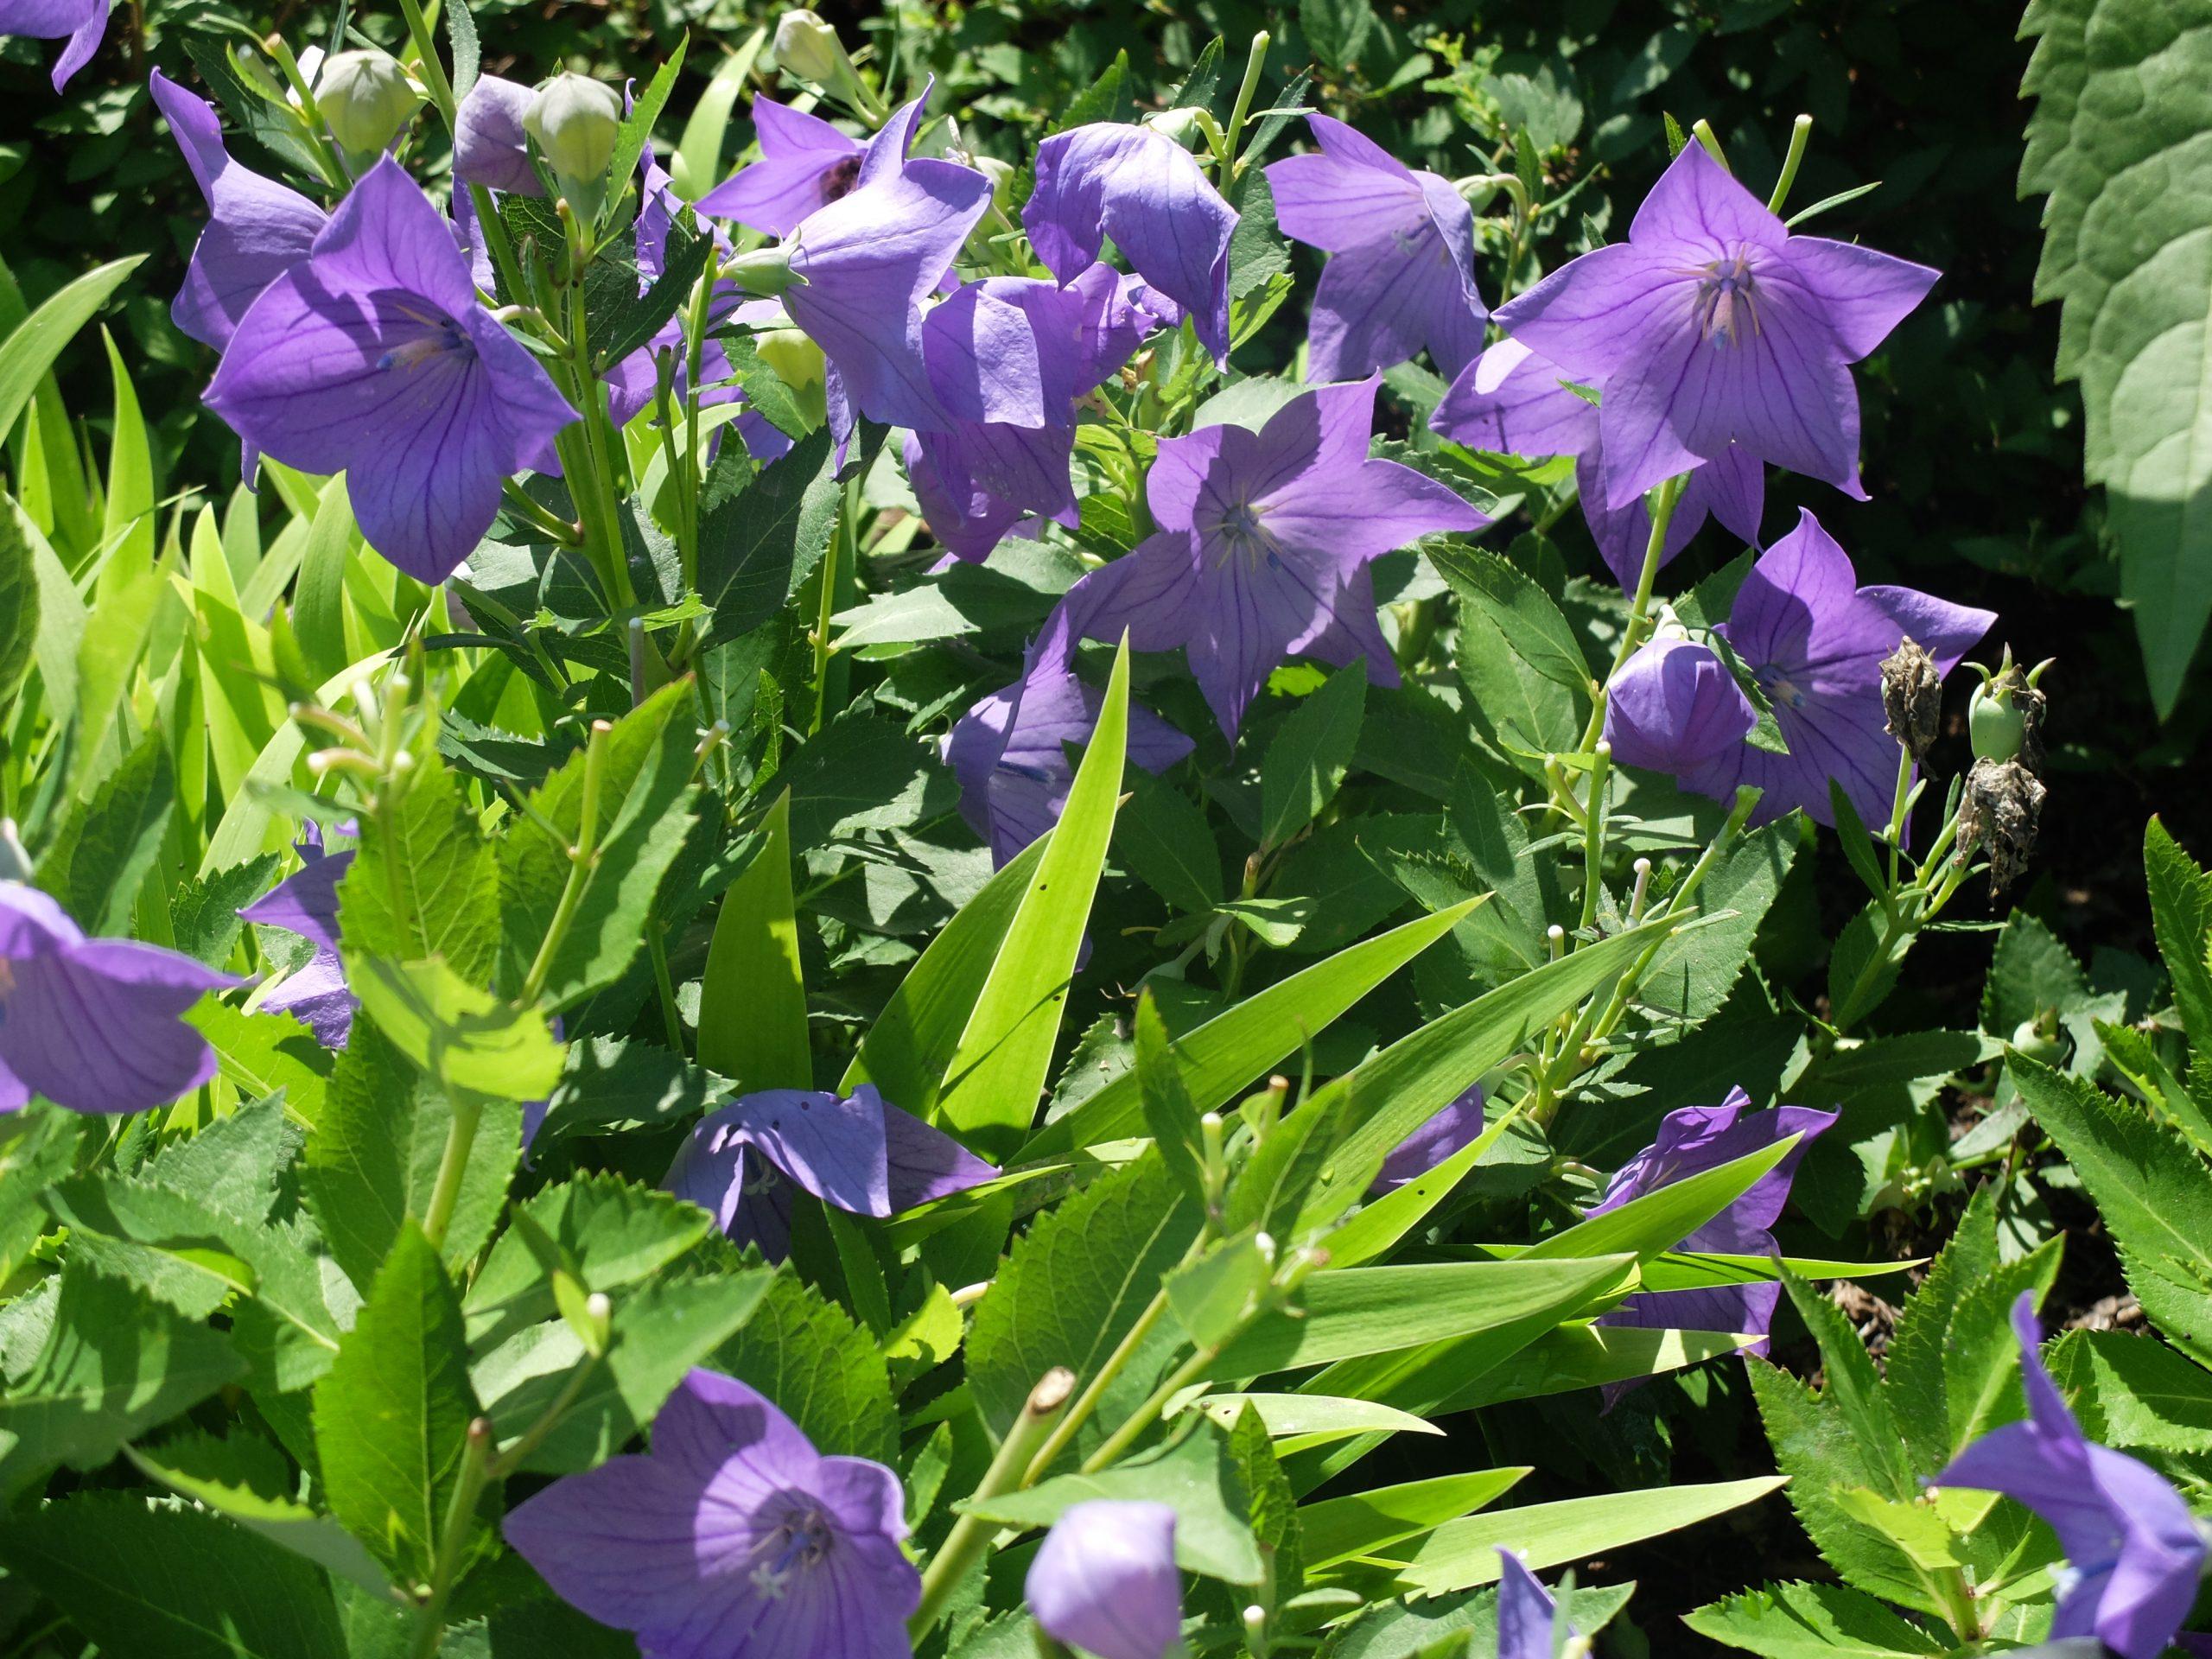 Purple flowers of Platycodon grandifloras